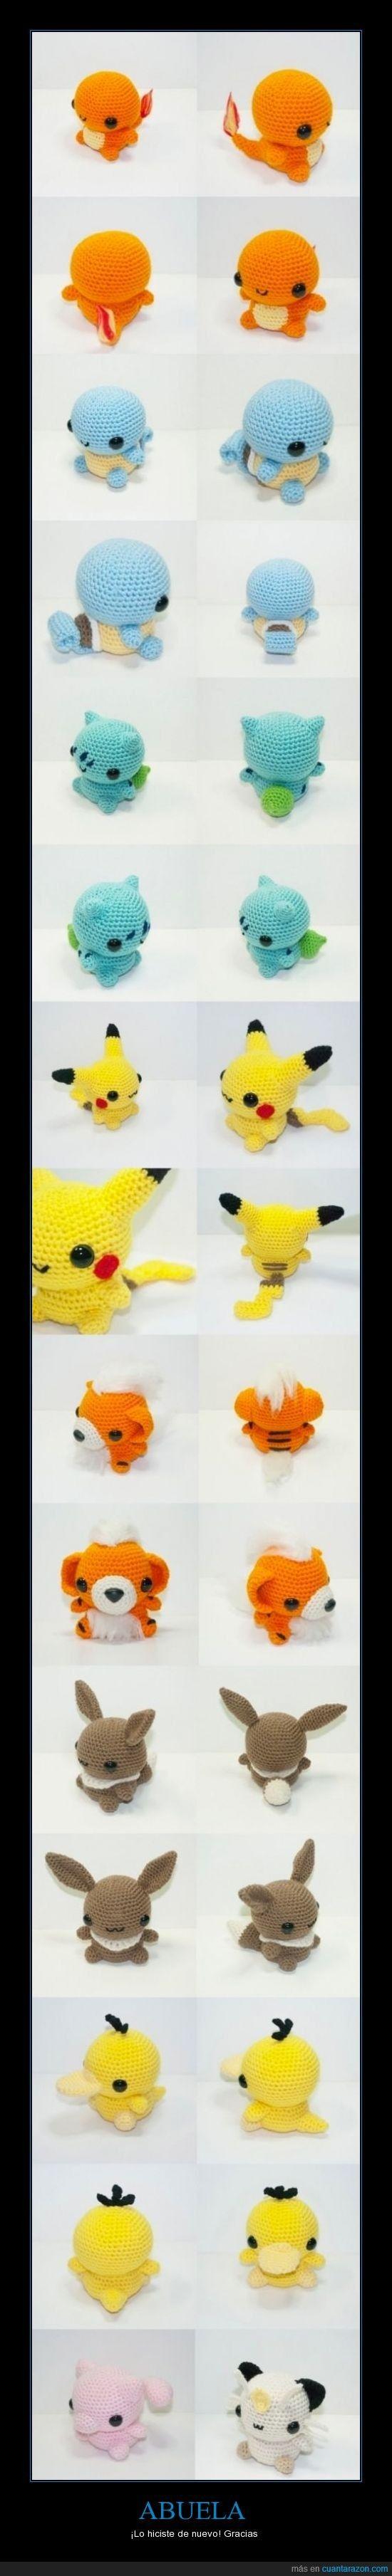 La versión más mona de tus Pokémon preferidos - ¡Lo hiciste de nuevo! Gracias